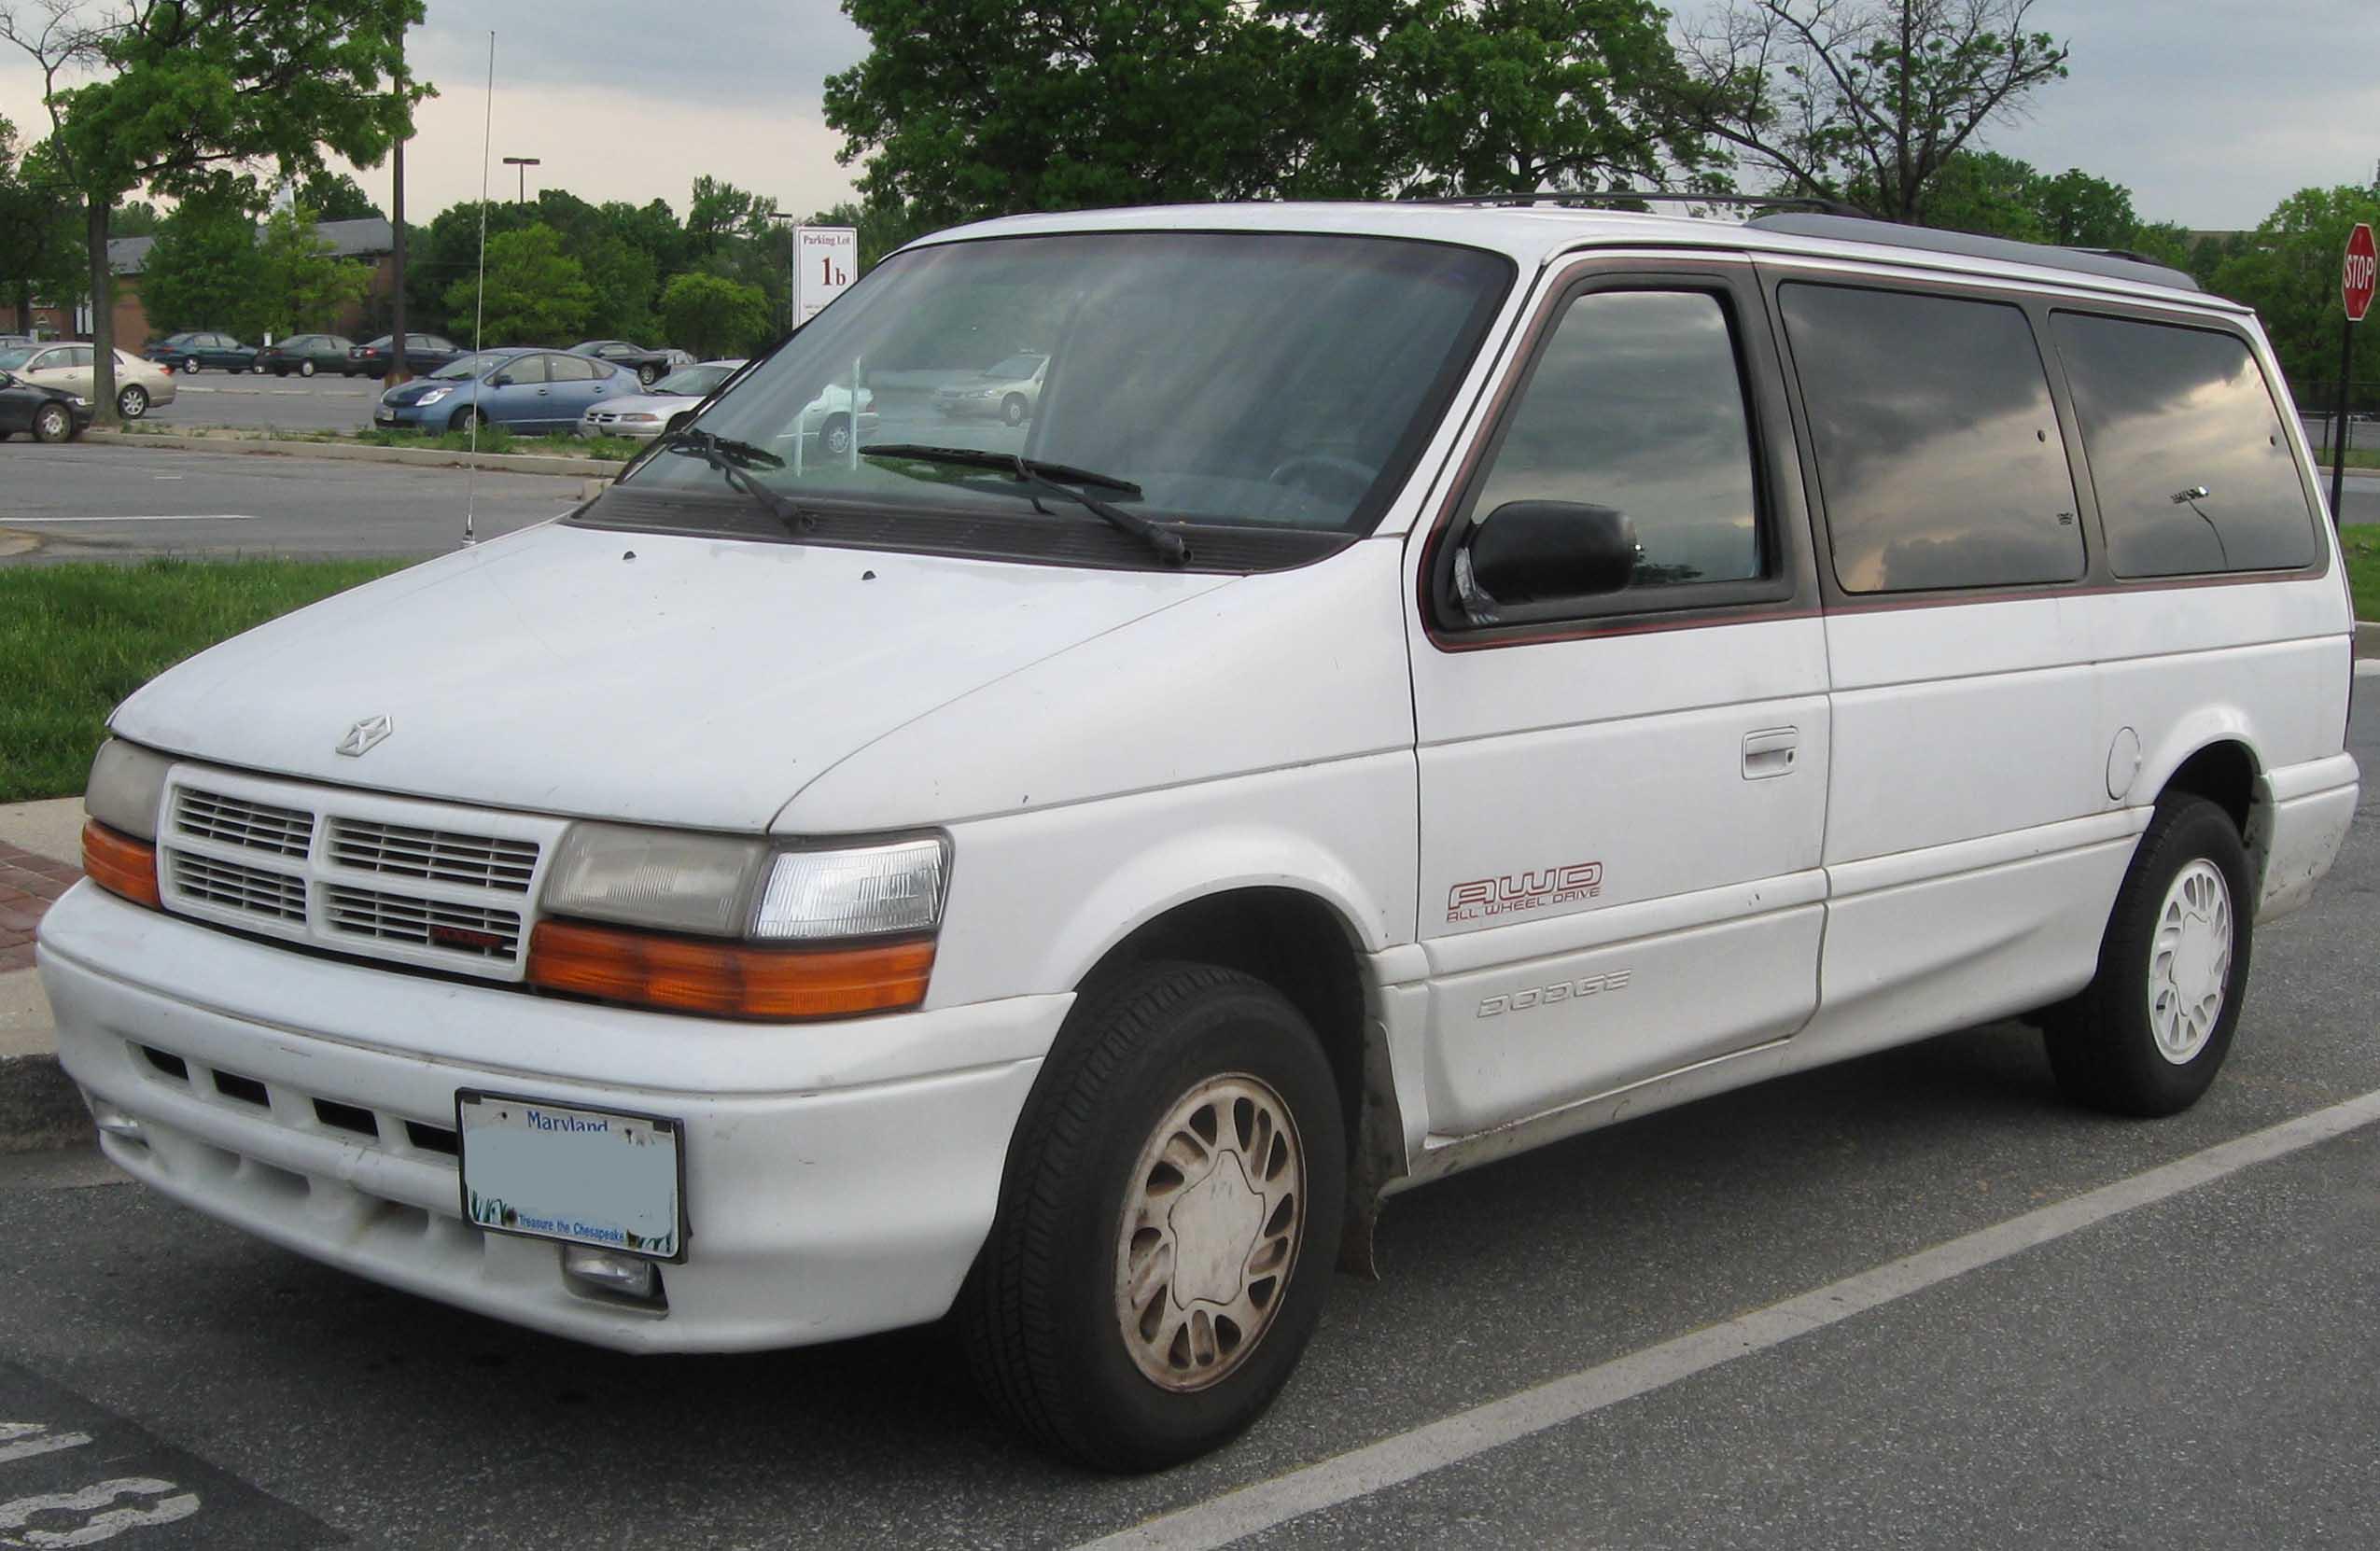 1999 Dodge Caravan #9 Dodge Caravan #9